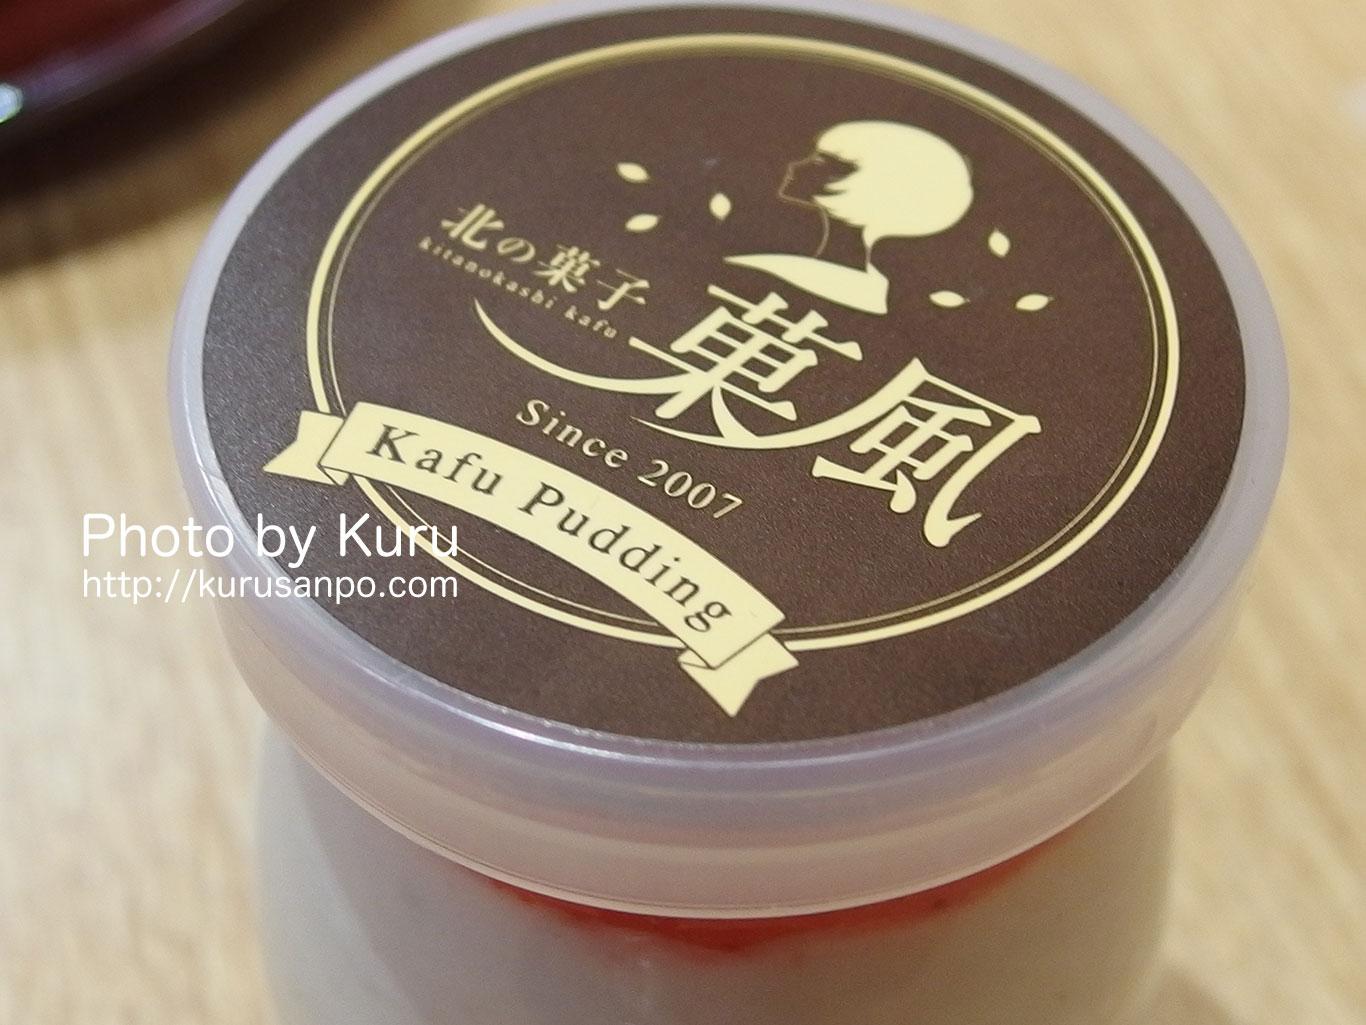 北の菓子 菓風(かふう)[(有)田代製菓]【楽天市場】『北国のいちごプリン』